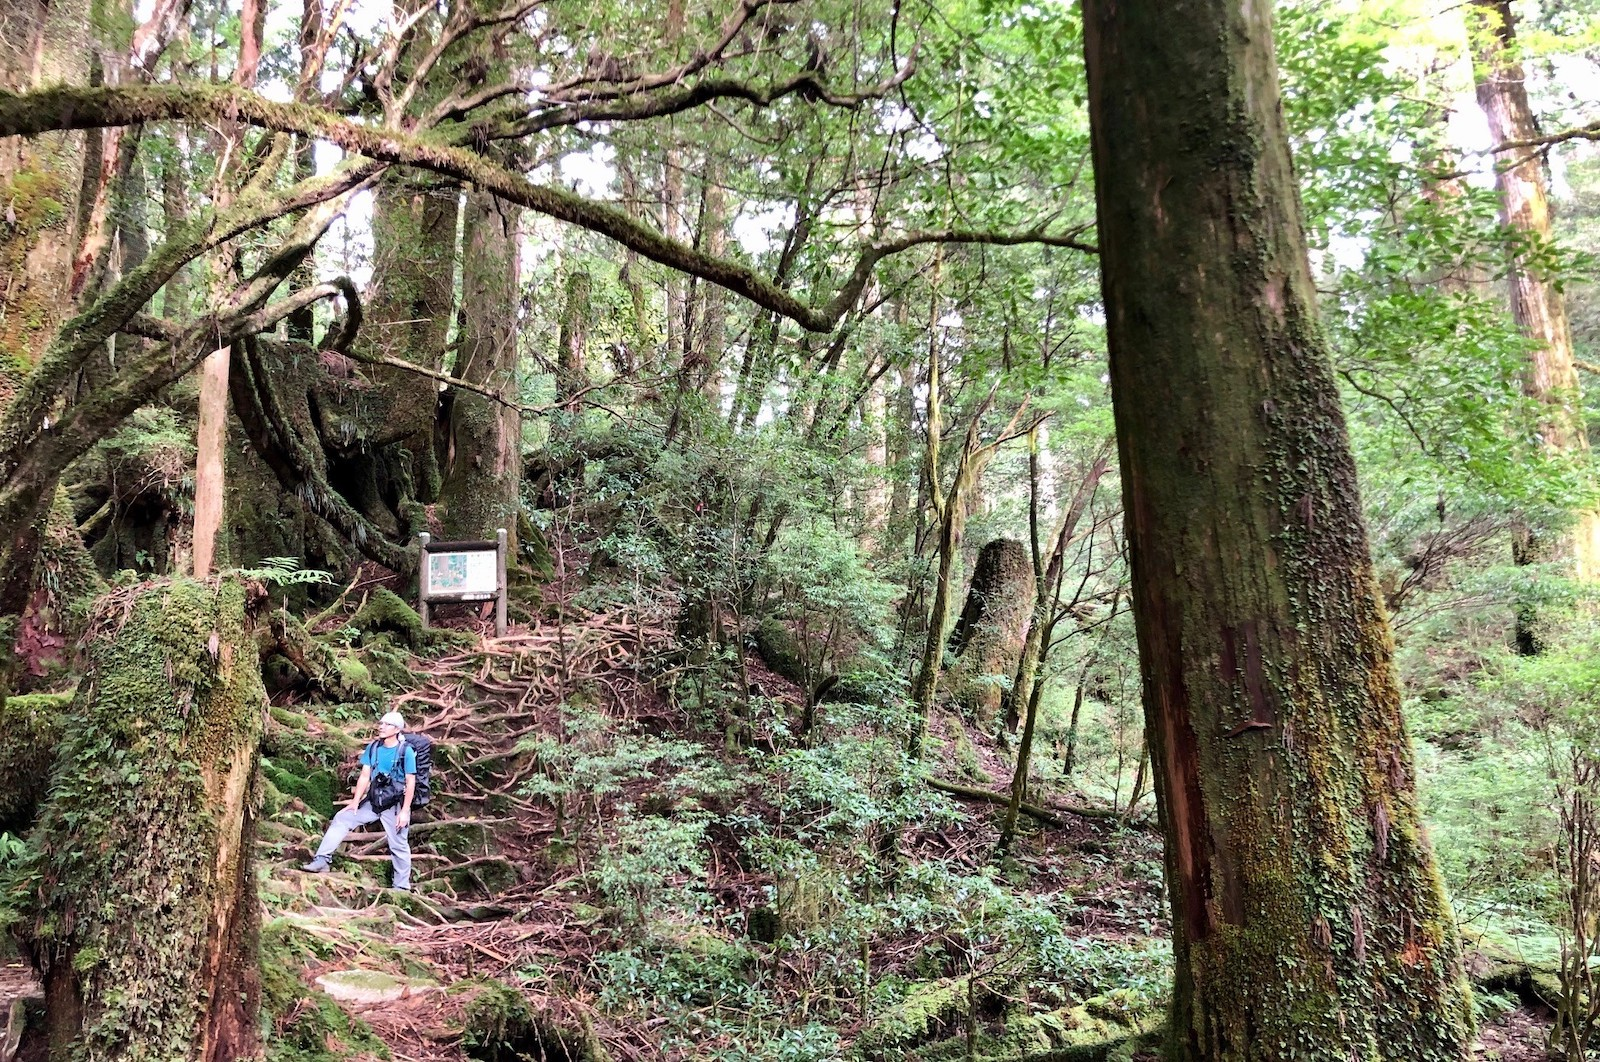 ガイドをしながら、自身の探求心も刺激される森の中